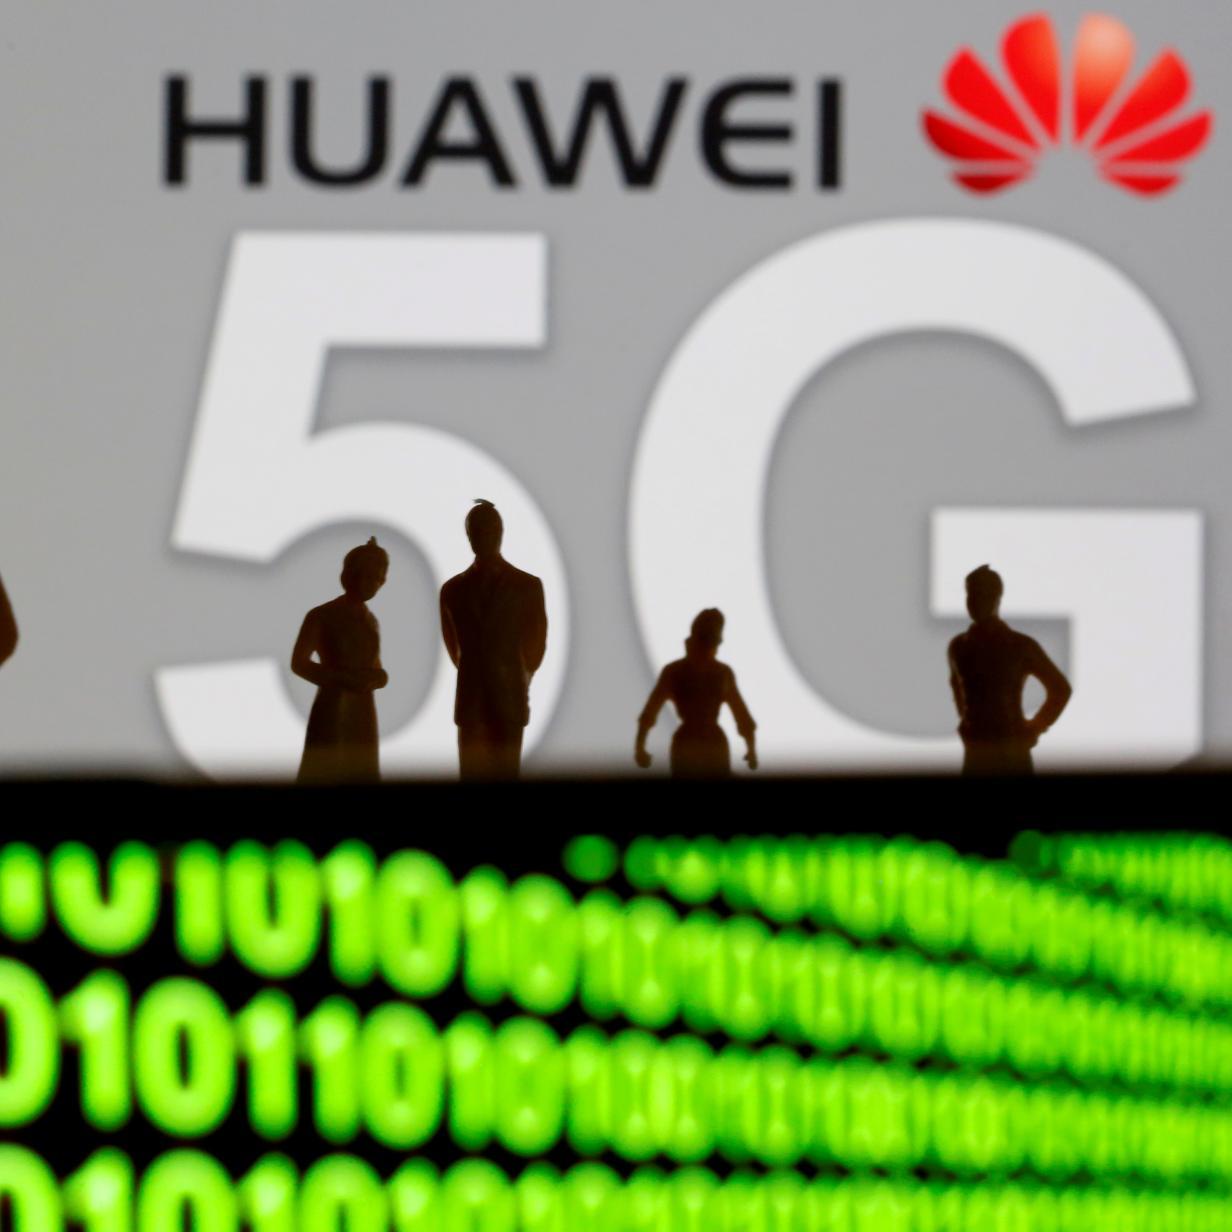 Großbritannien: Huawei wird teilweise von 5G-Aufbau ausgeschlossen